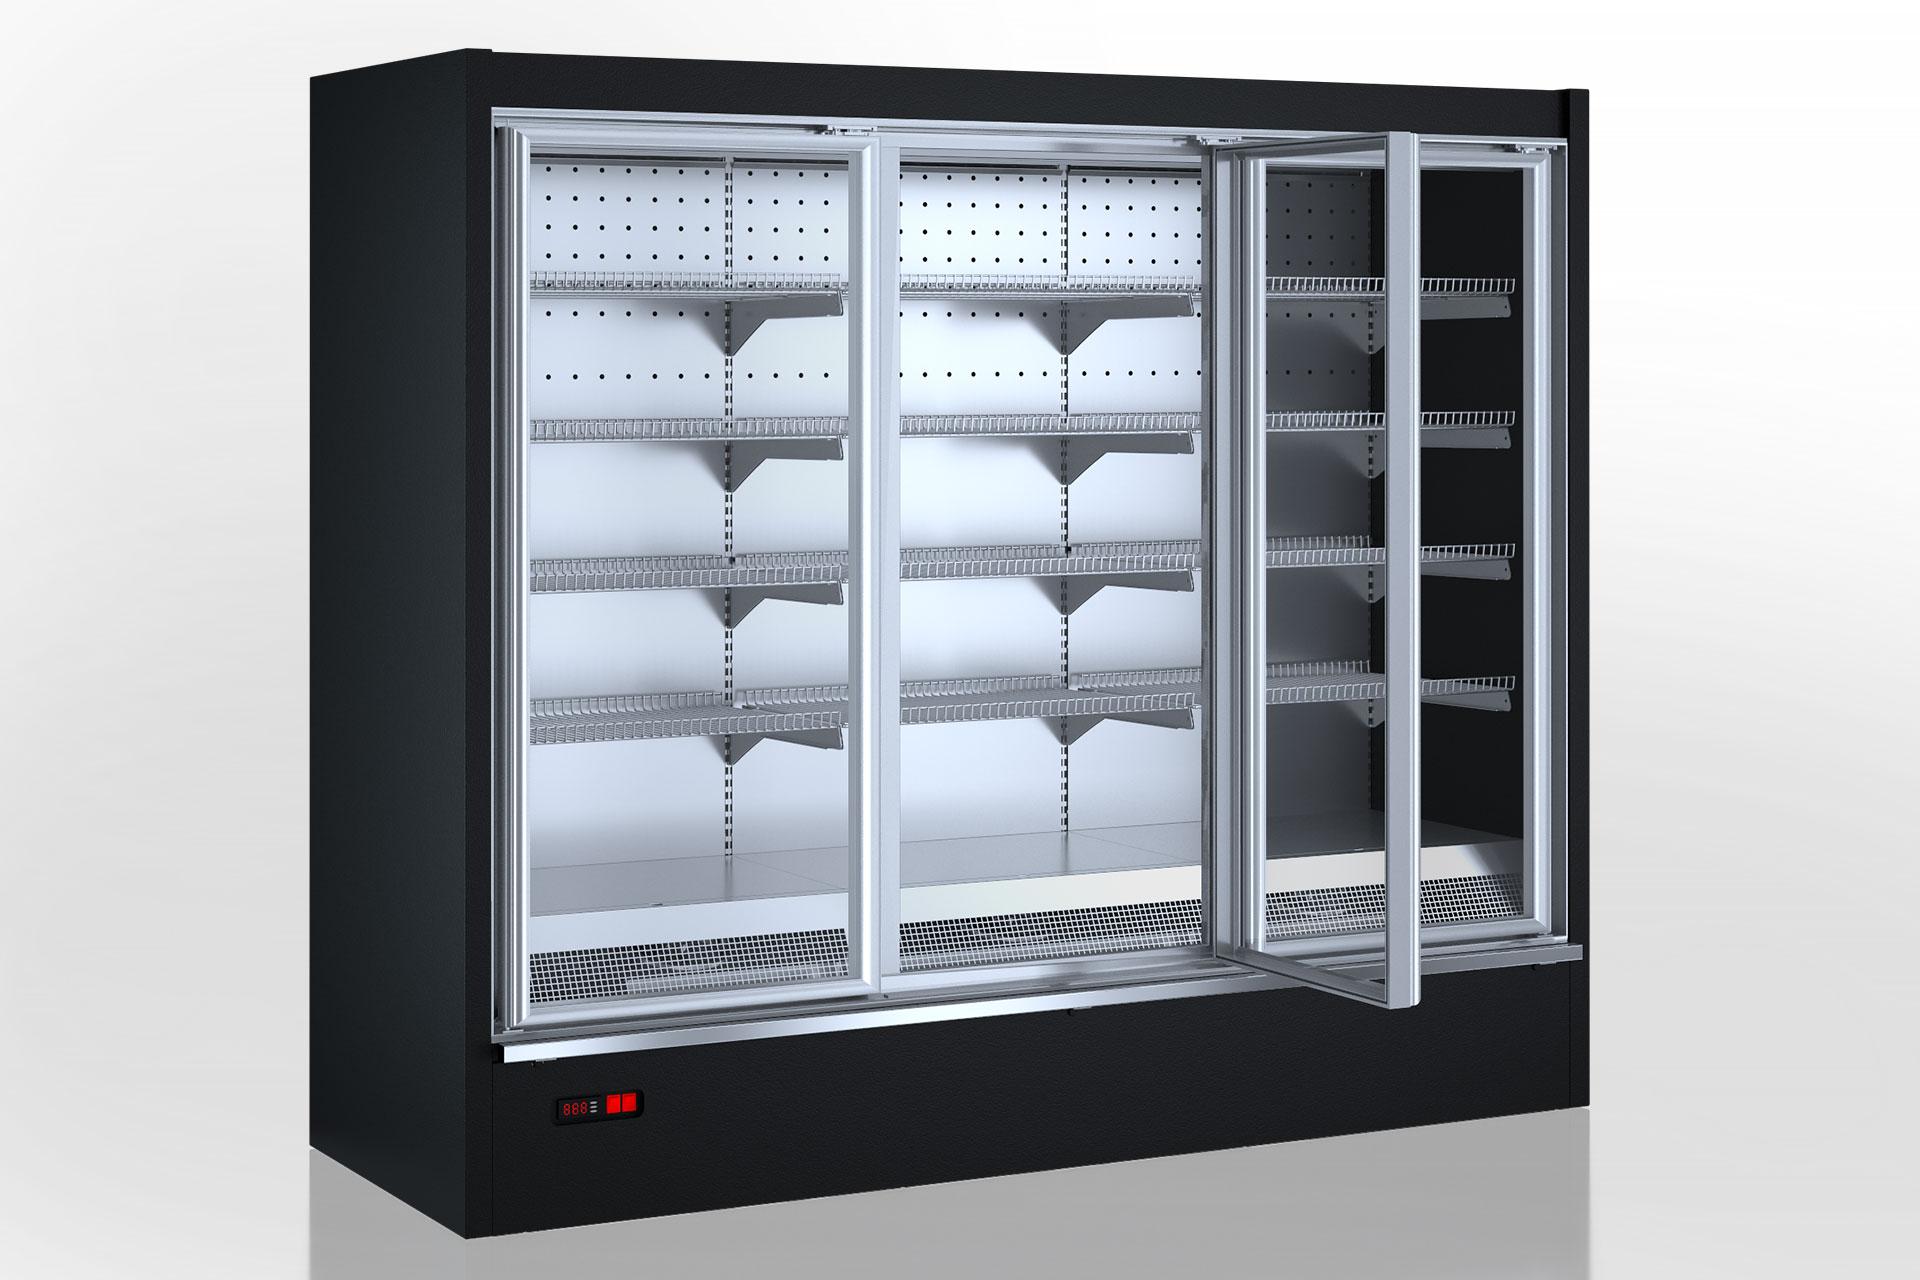 Multideck cabinets Indiana medium AV 085 LT D 210-DLM/DLA